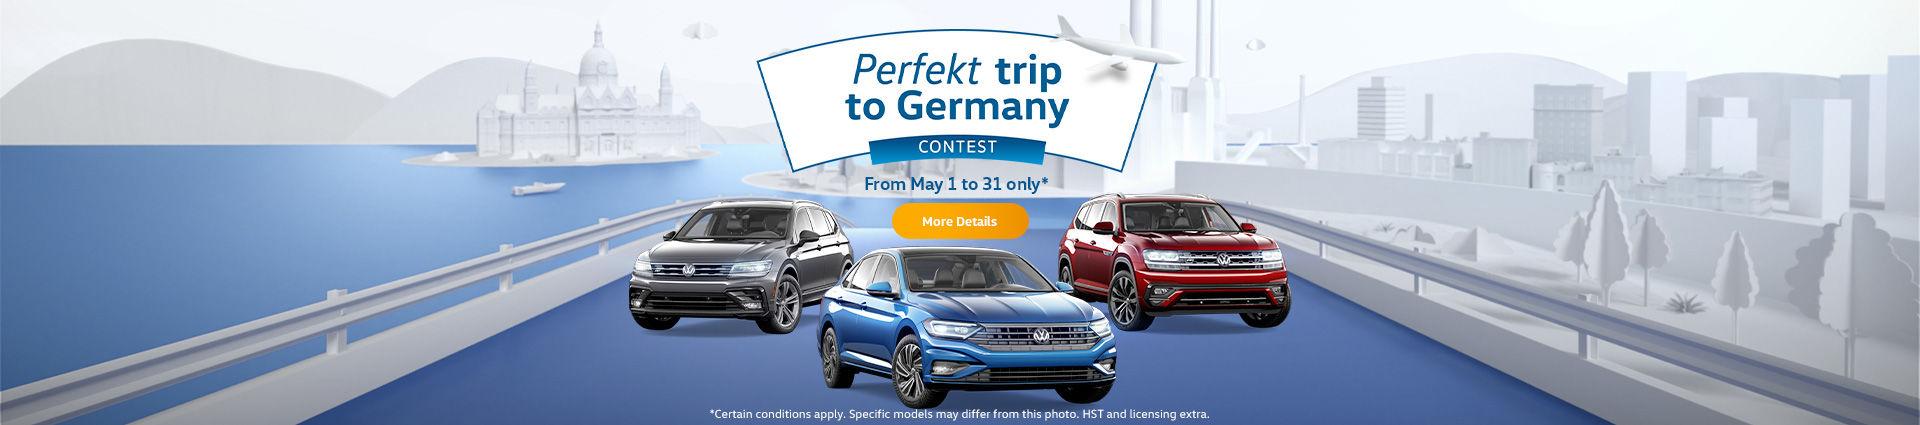 VW Perfekt trip to Germany contest